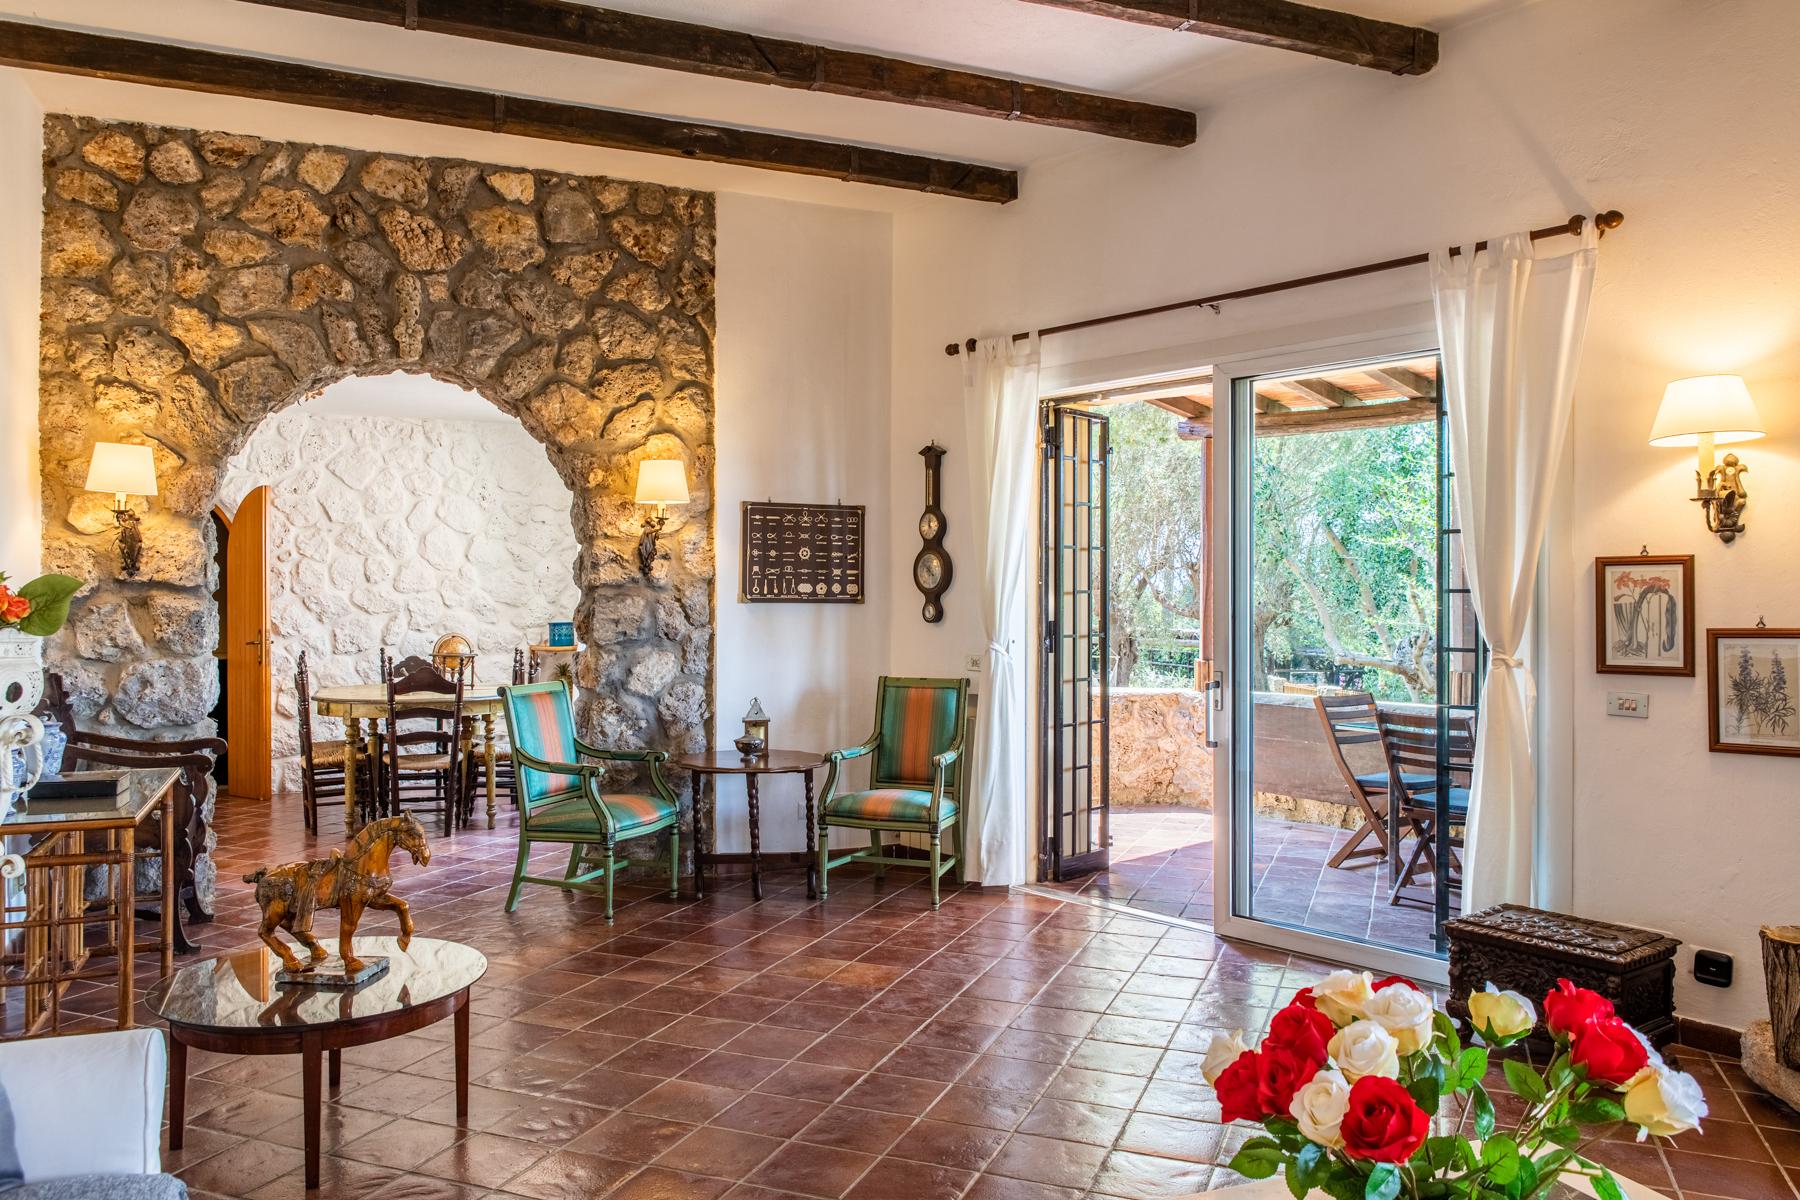 Villa in Vendita a Orbetello: 5 locali, 240 mq - Foto 13